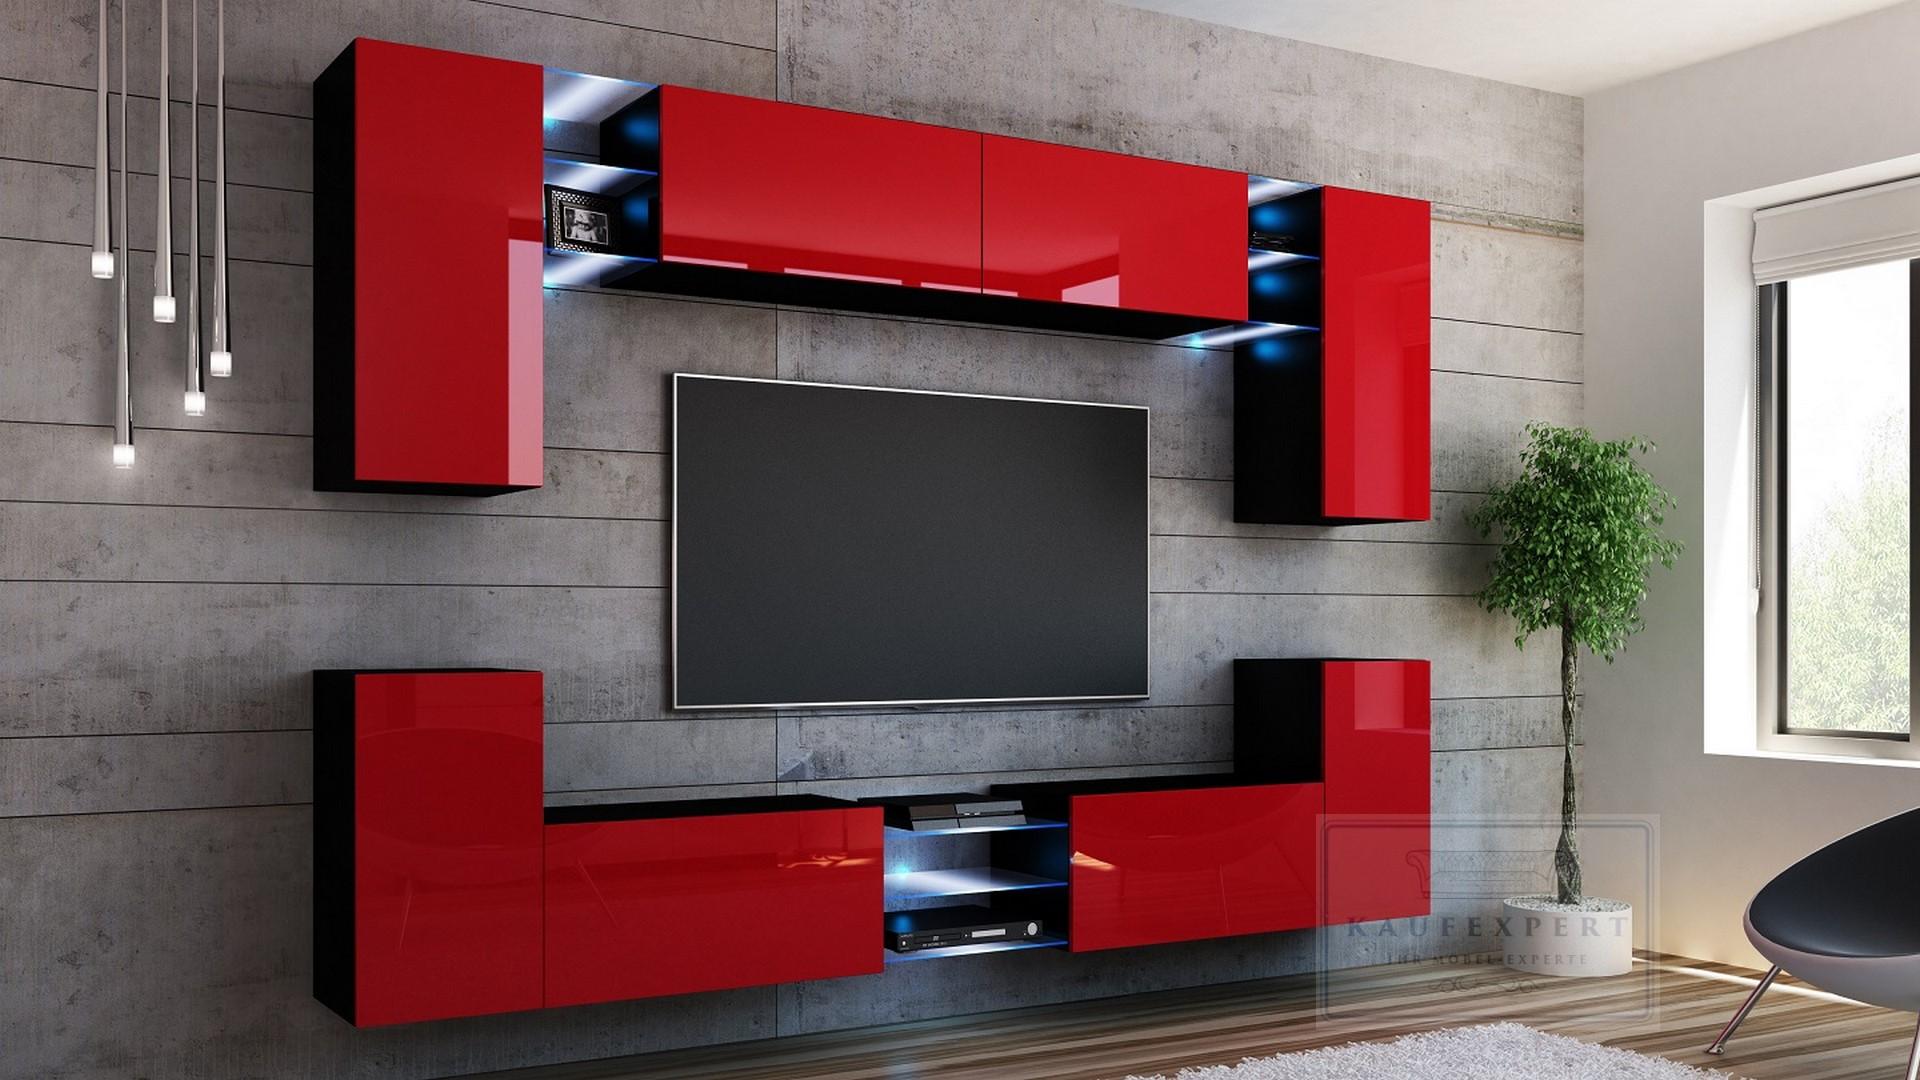 Details zu BESTSELLER Wohnwand SPLASH 9 Farbauswahl MDF Hochglanz  Mediawand Beleuchtung